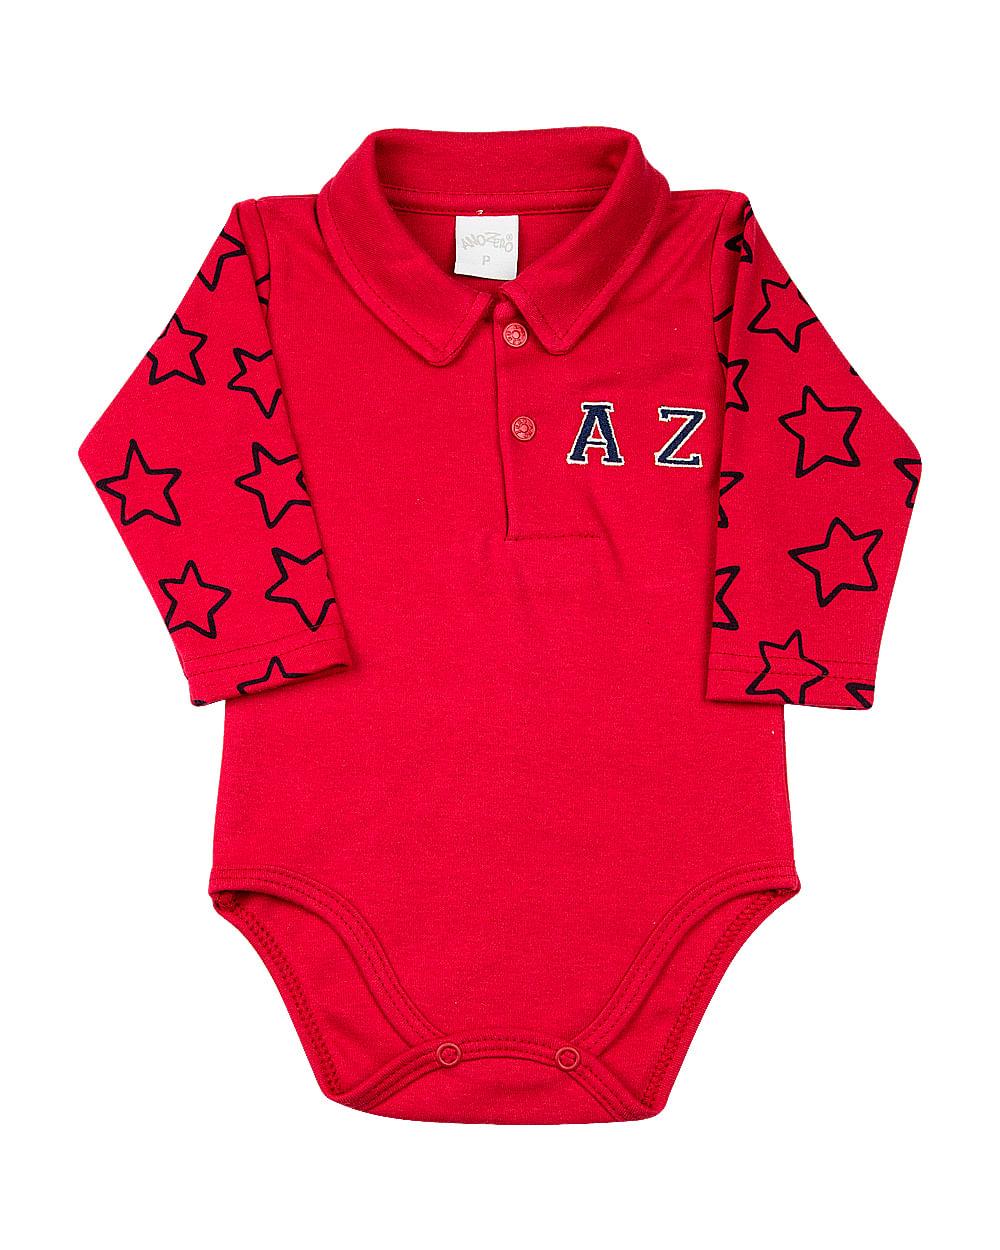 Body Bebê Golinha Suedine Liso e Estampa Estrelas AZ - Vermelho